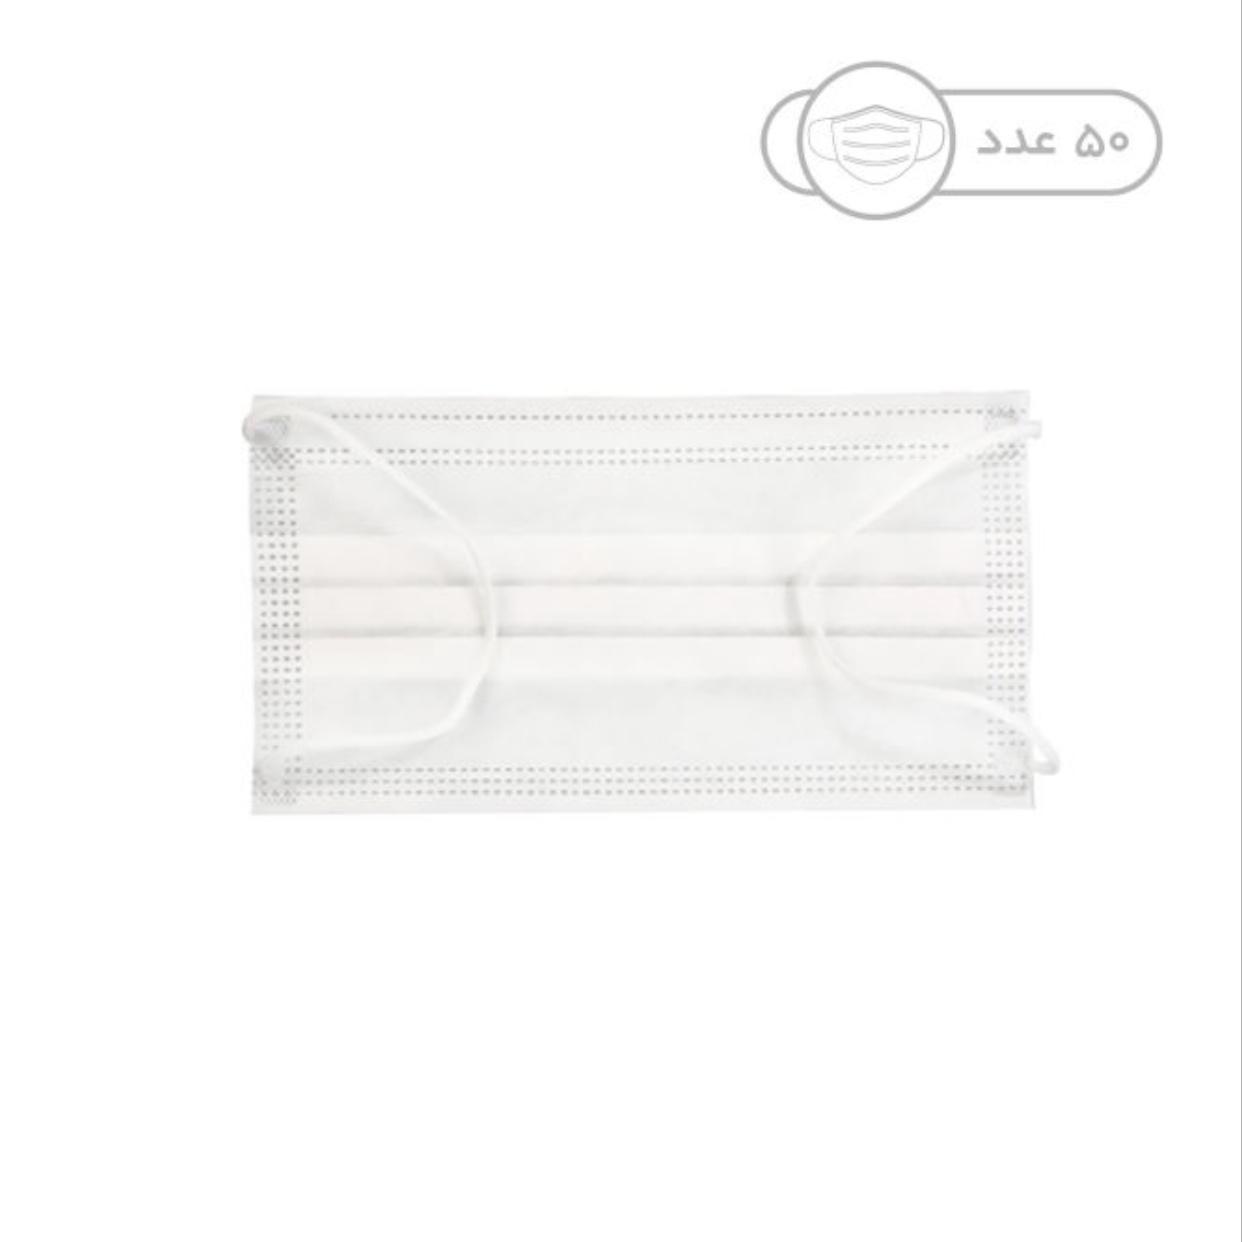 ماسک تنفسی مدل MS بسته 2000 عددی